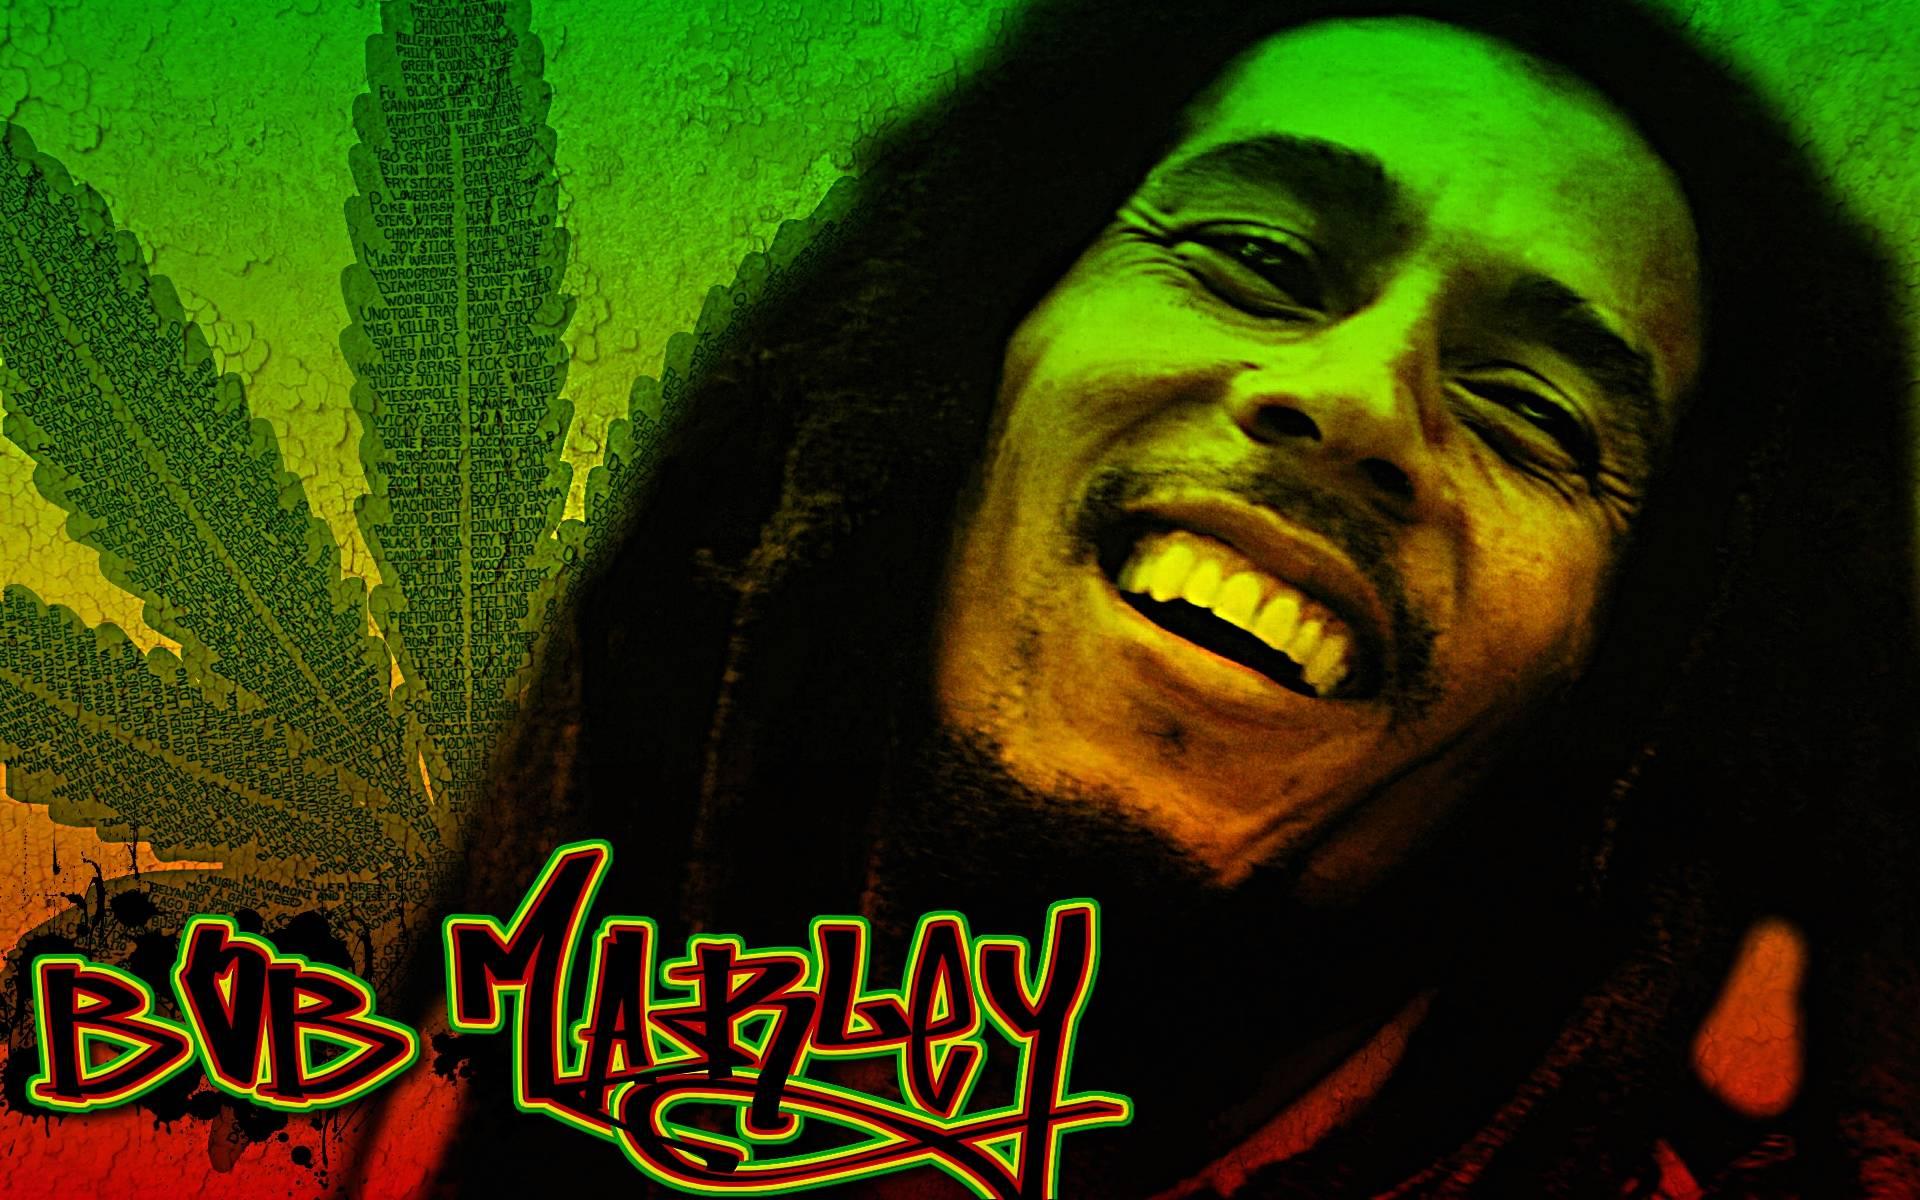 Bob Marley - 1590497